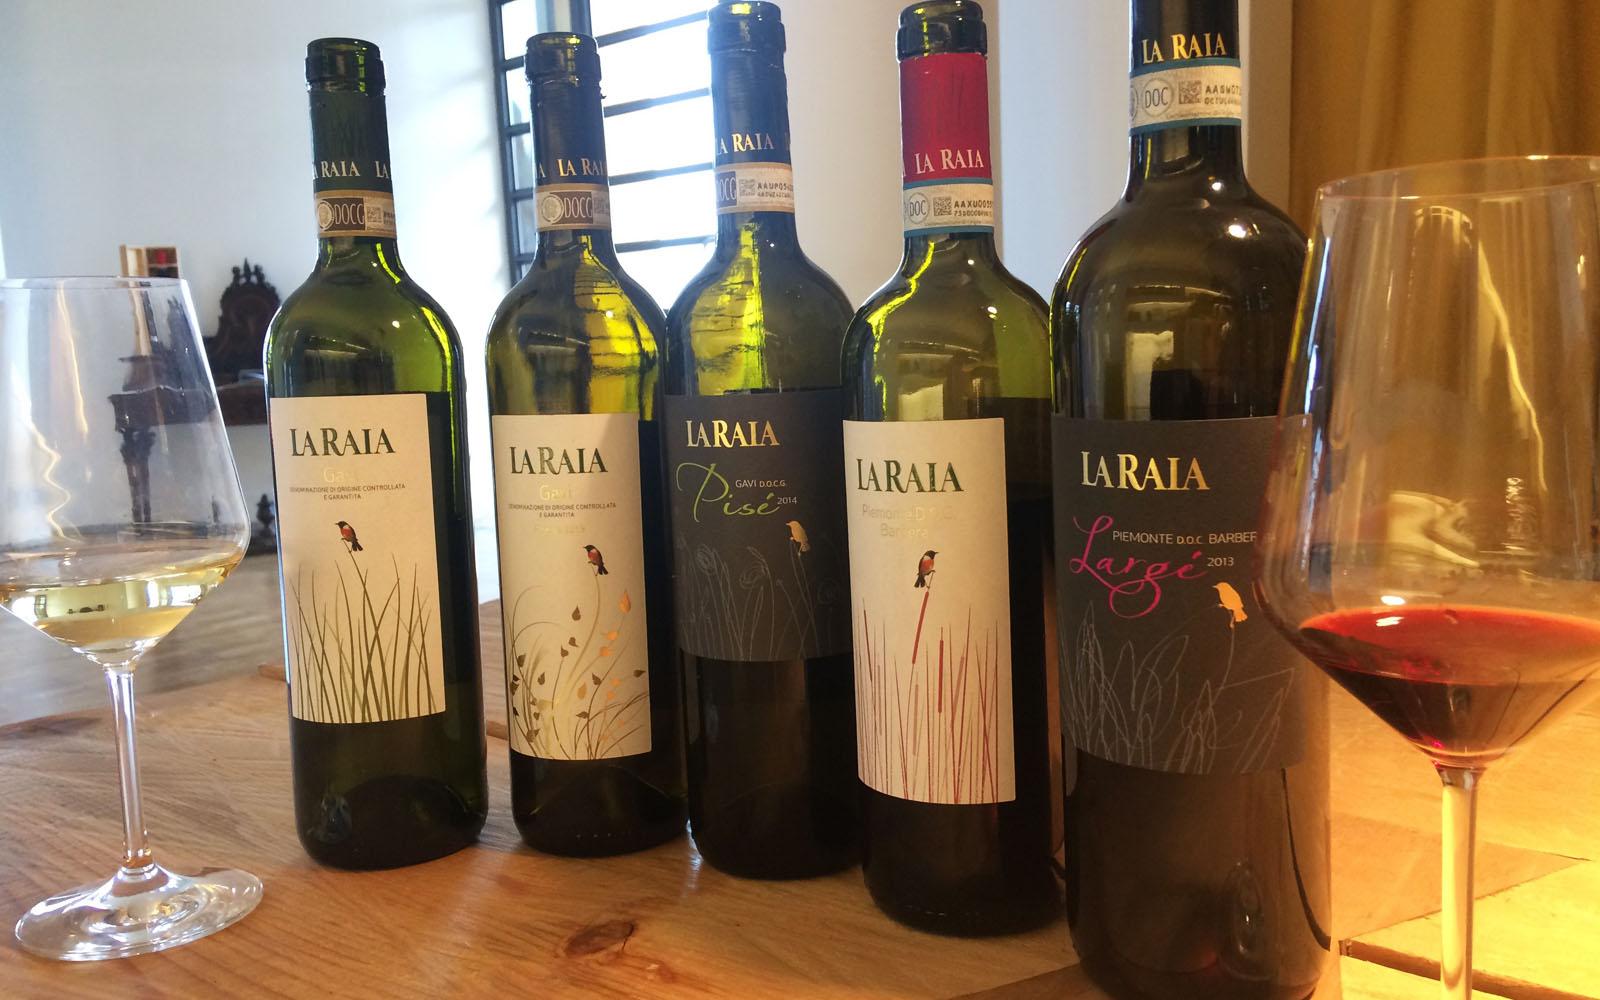 La mia degustazione di vini biodinamici a La Raia.